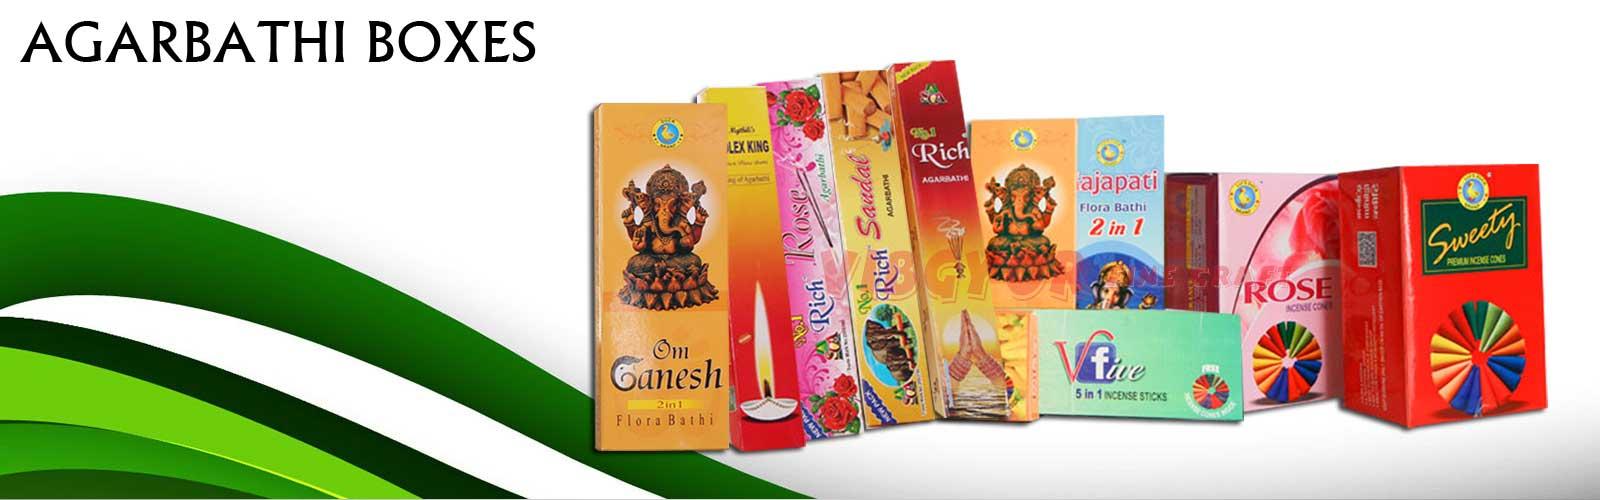 Agarbathi Boxes